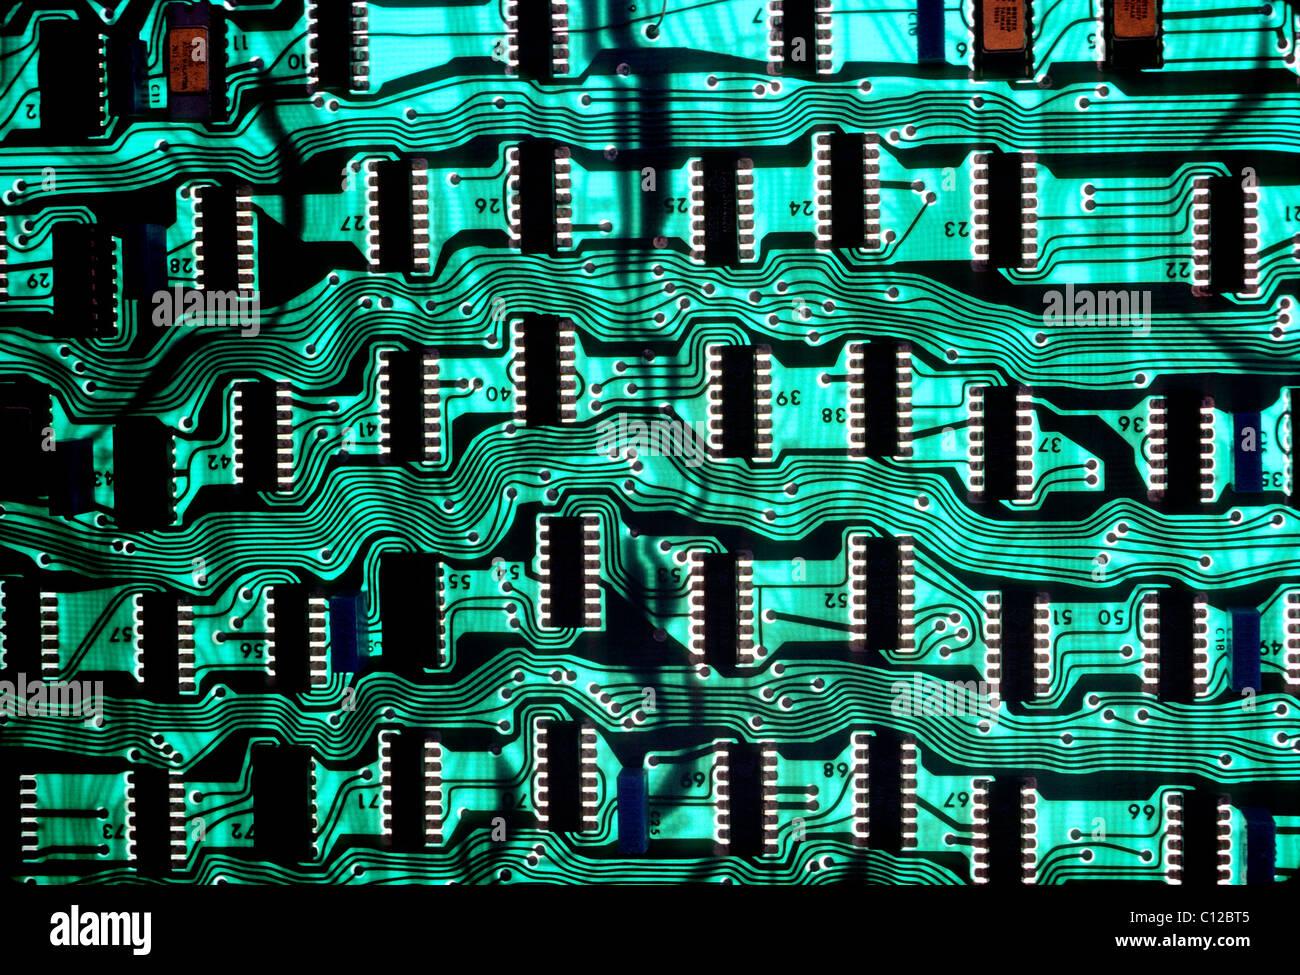 Nahaufnahme einer Computer-Platine Stockbild